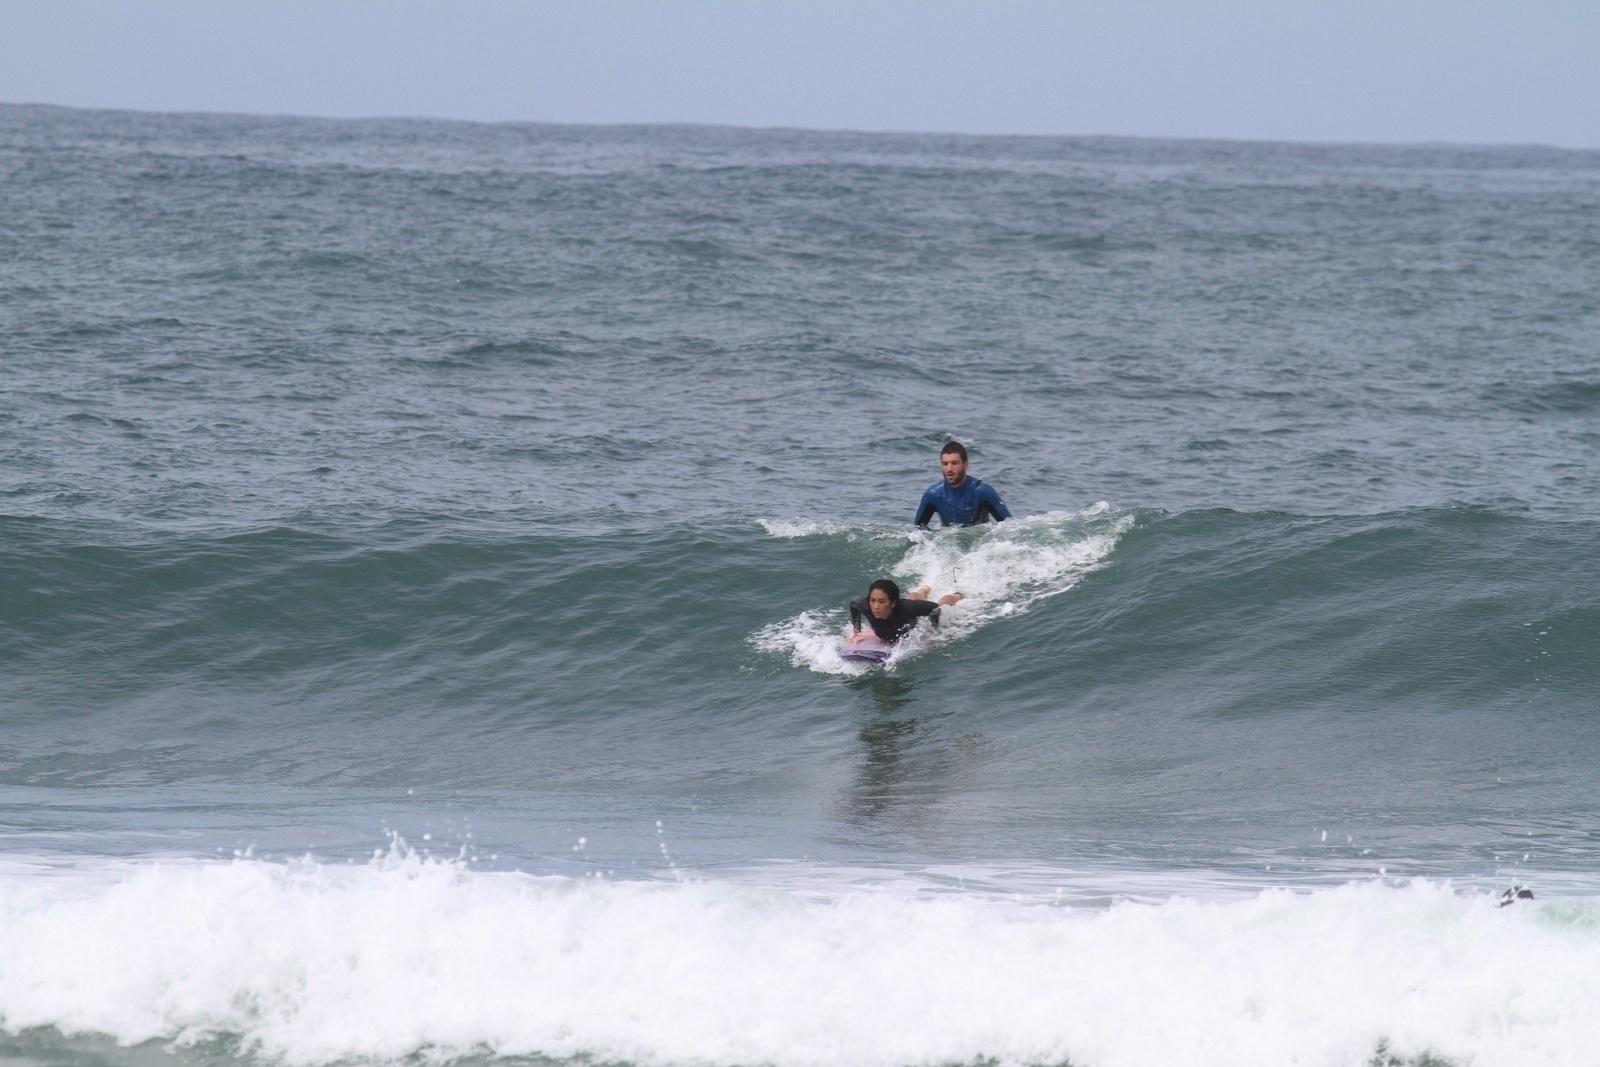 25.mar.2014 - A atriz Daniele Suzuki surfa na praia da Macumba, na zona oeste do Rio. Daniele é mãe de Kauai, de dois anos. O menino é fruto de sua relação com o empresário Fábio Novaes